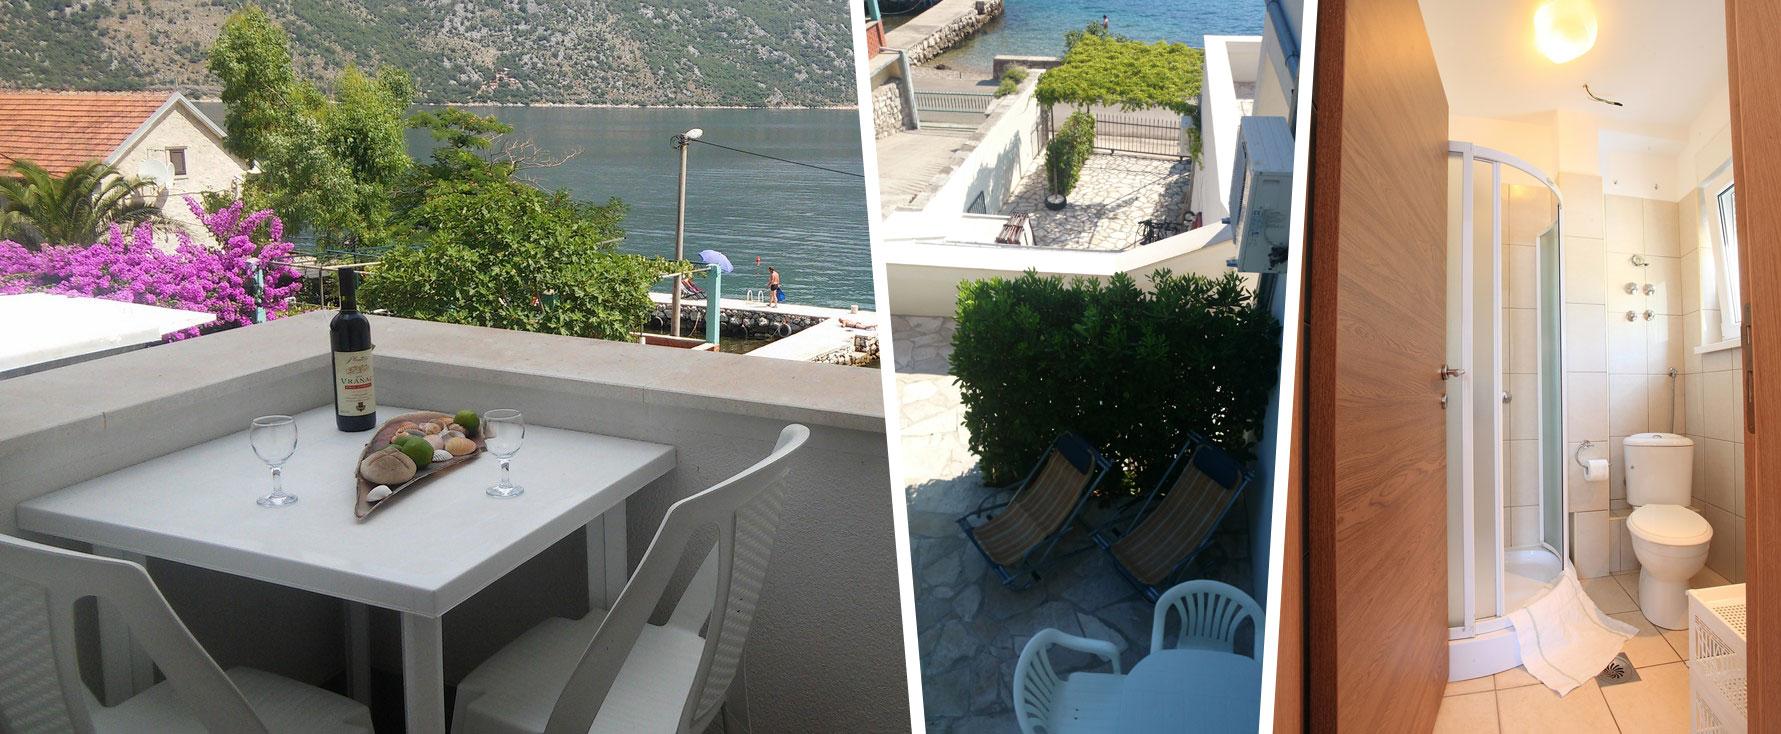 Apartmani za izdavanje sa pogledom na Boko Kotorski zaliv